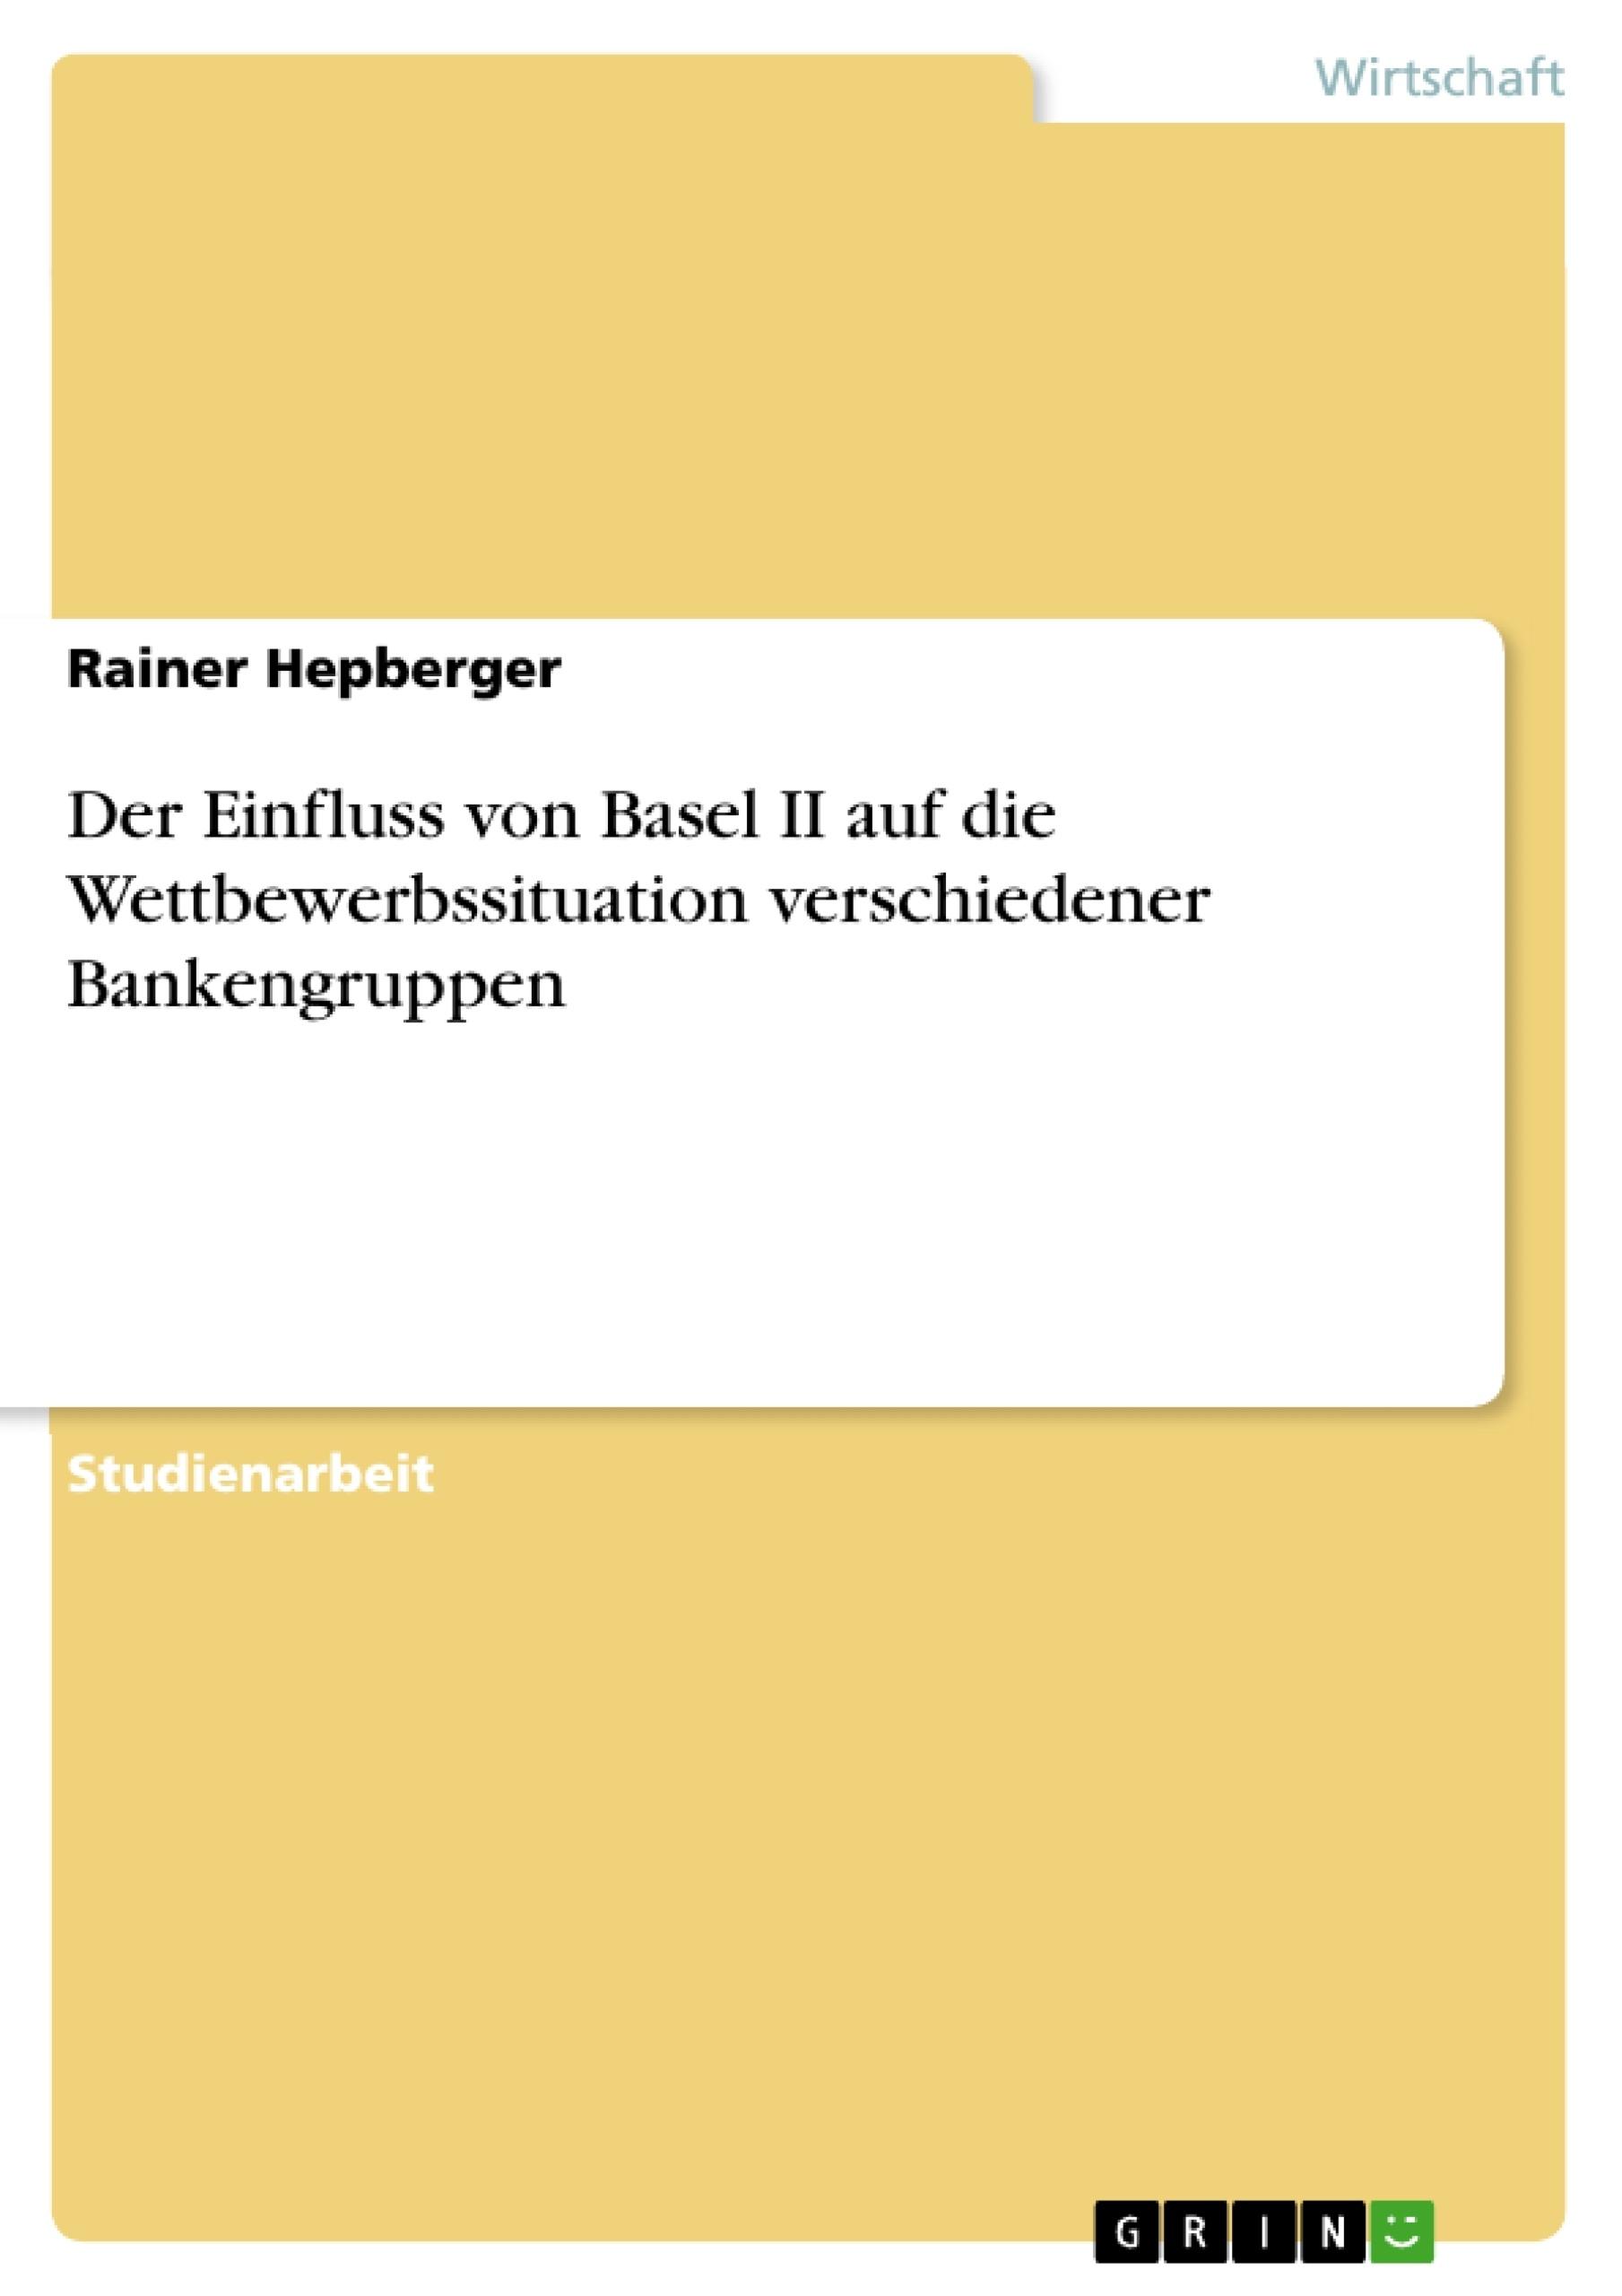 Titel: Der Einfluss von Basel II auf die Wettbewerbssituation verschiedener Bankengruppen